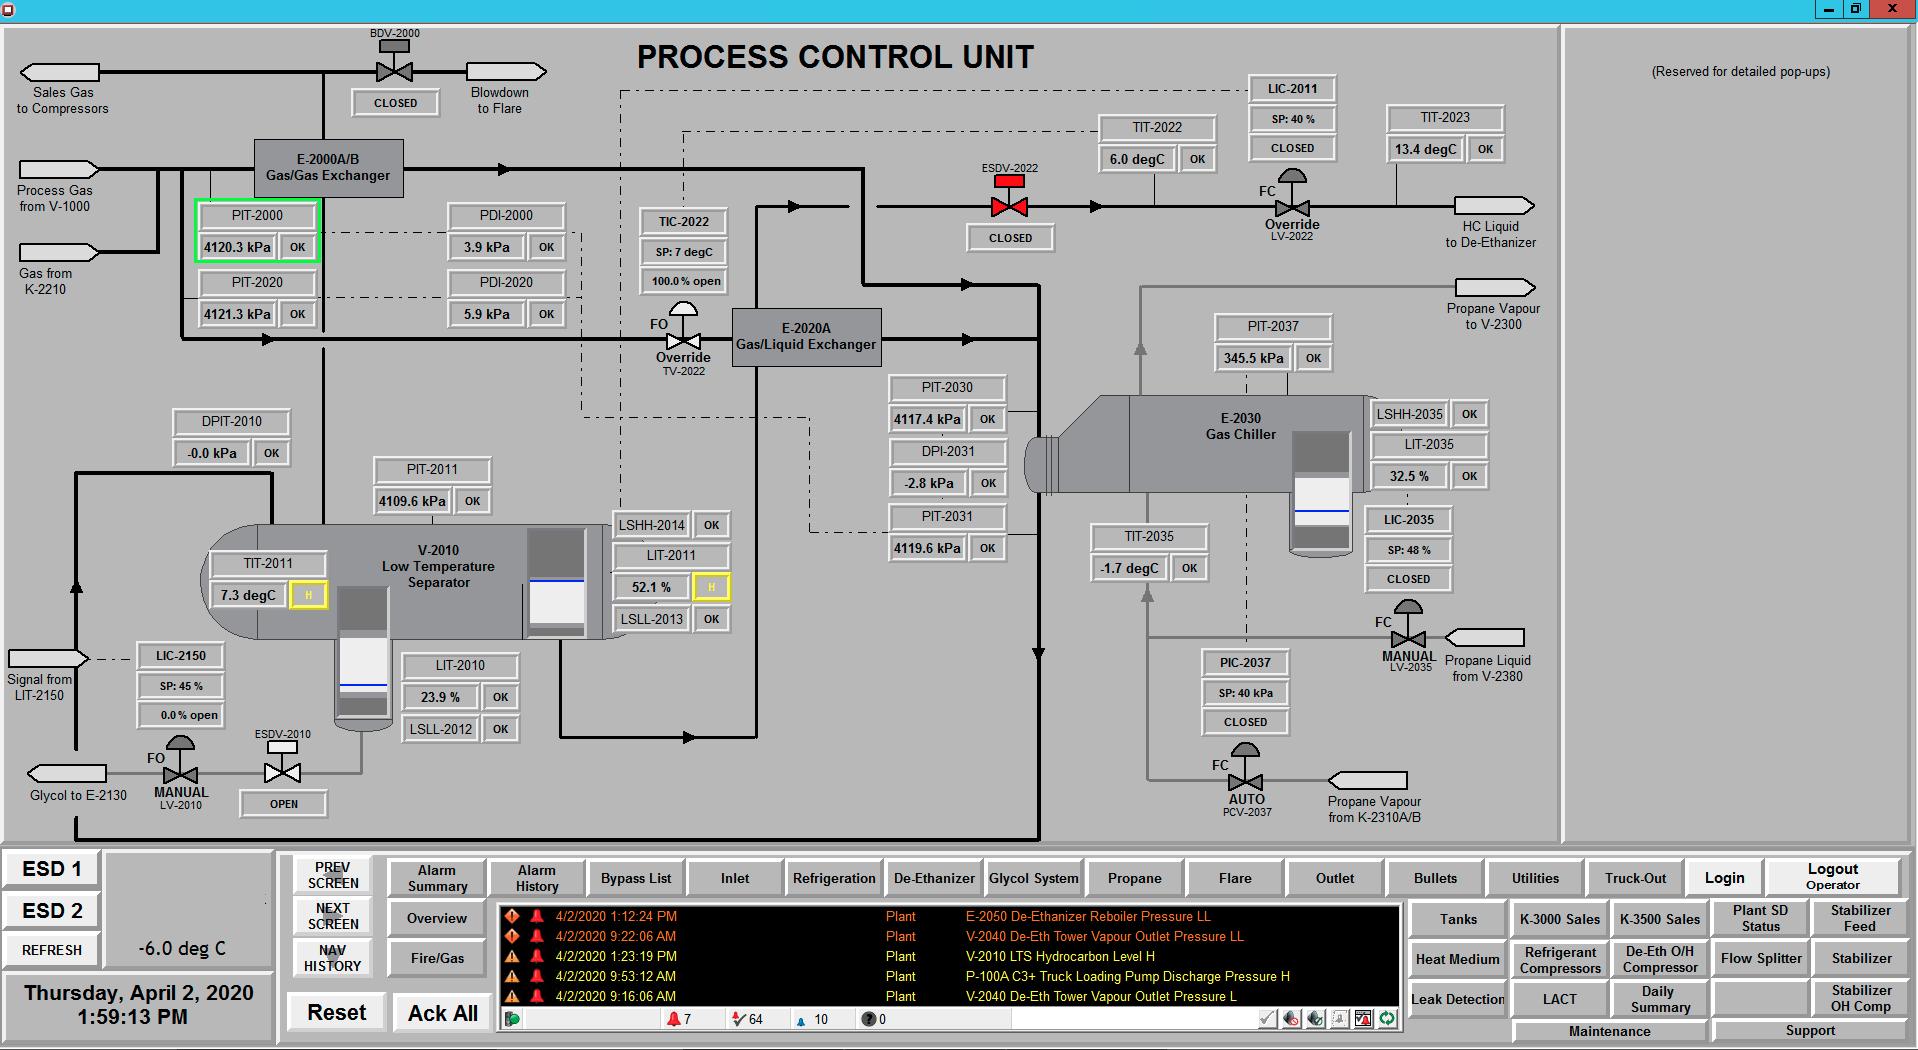 Process Control Unit